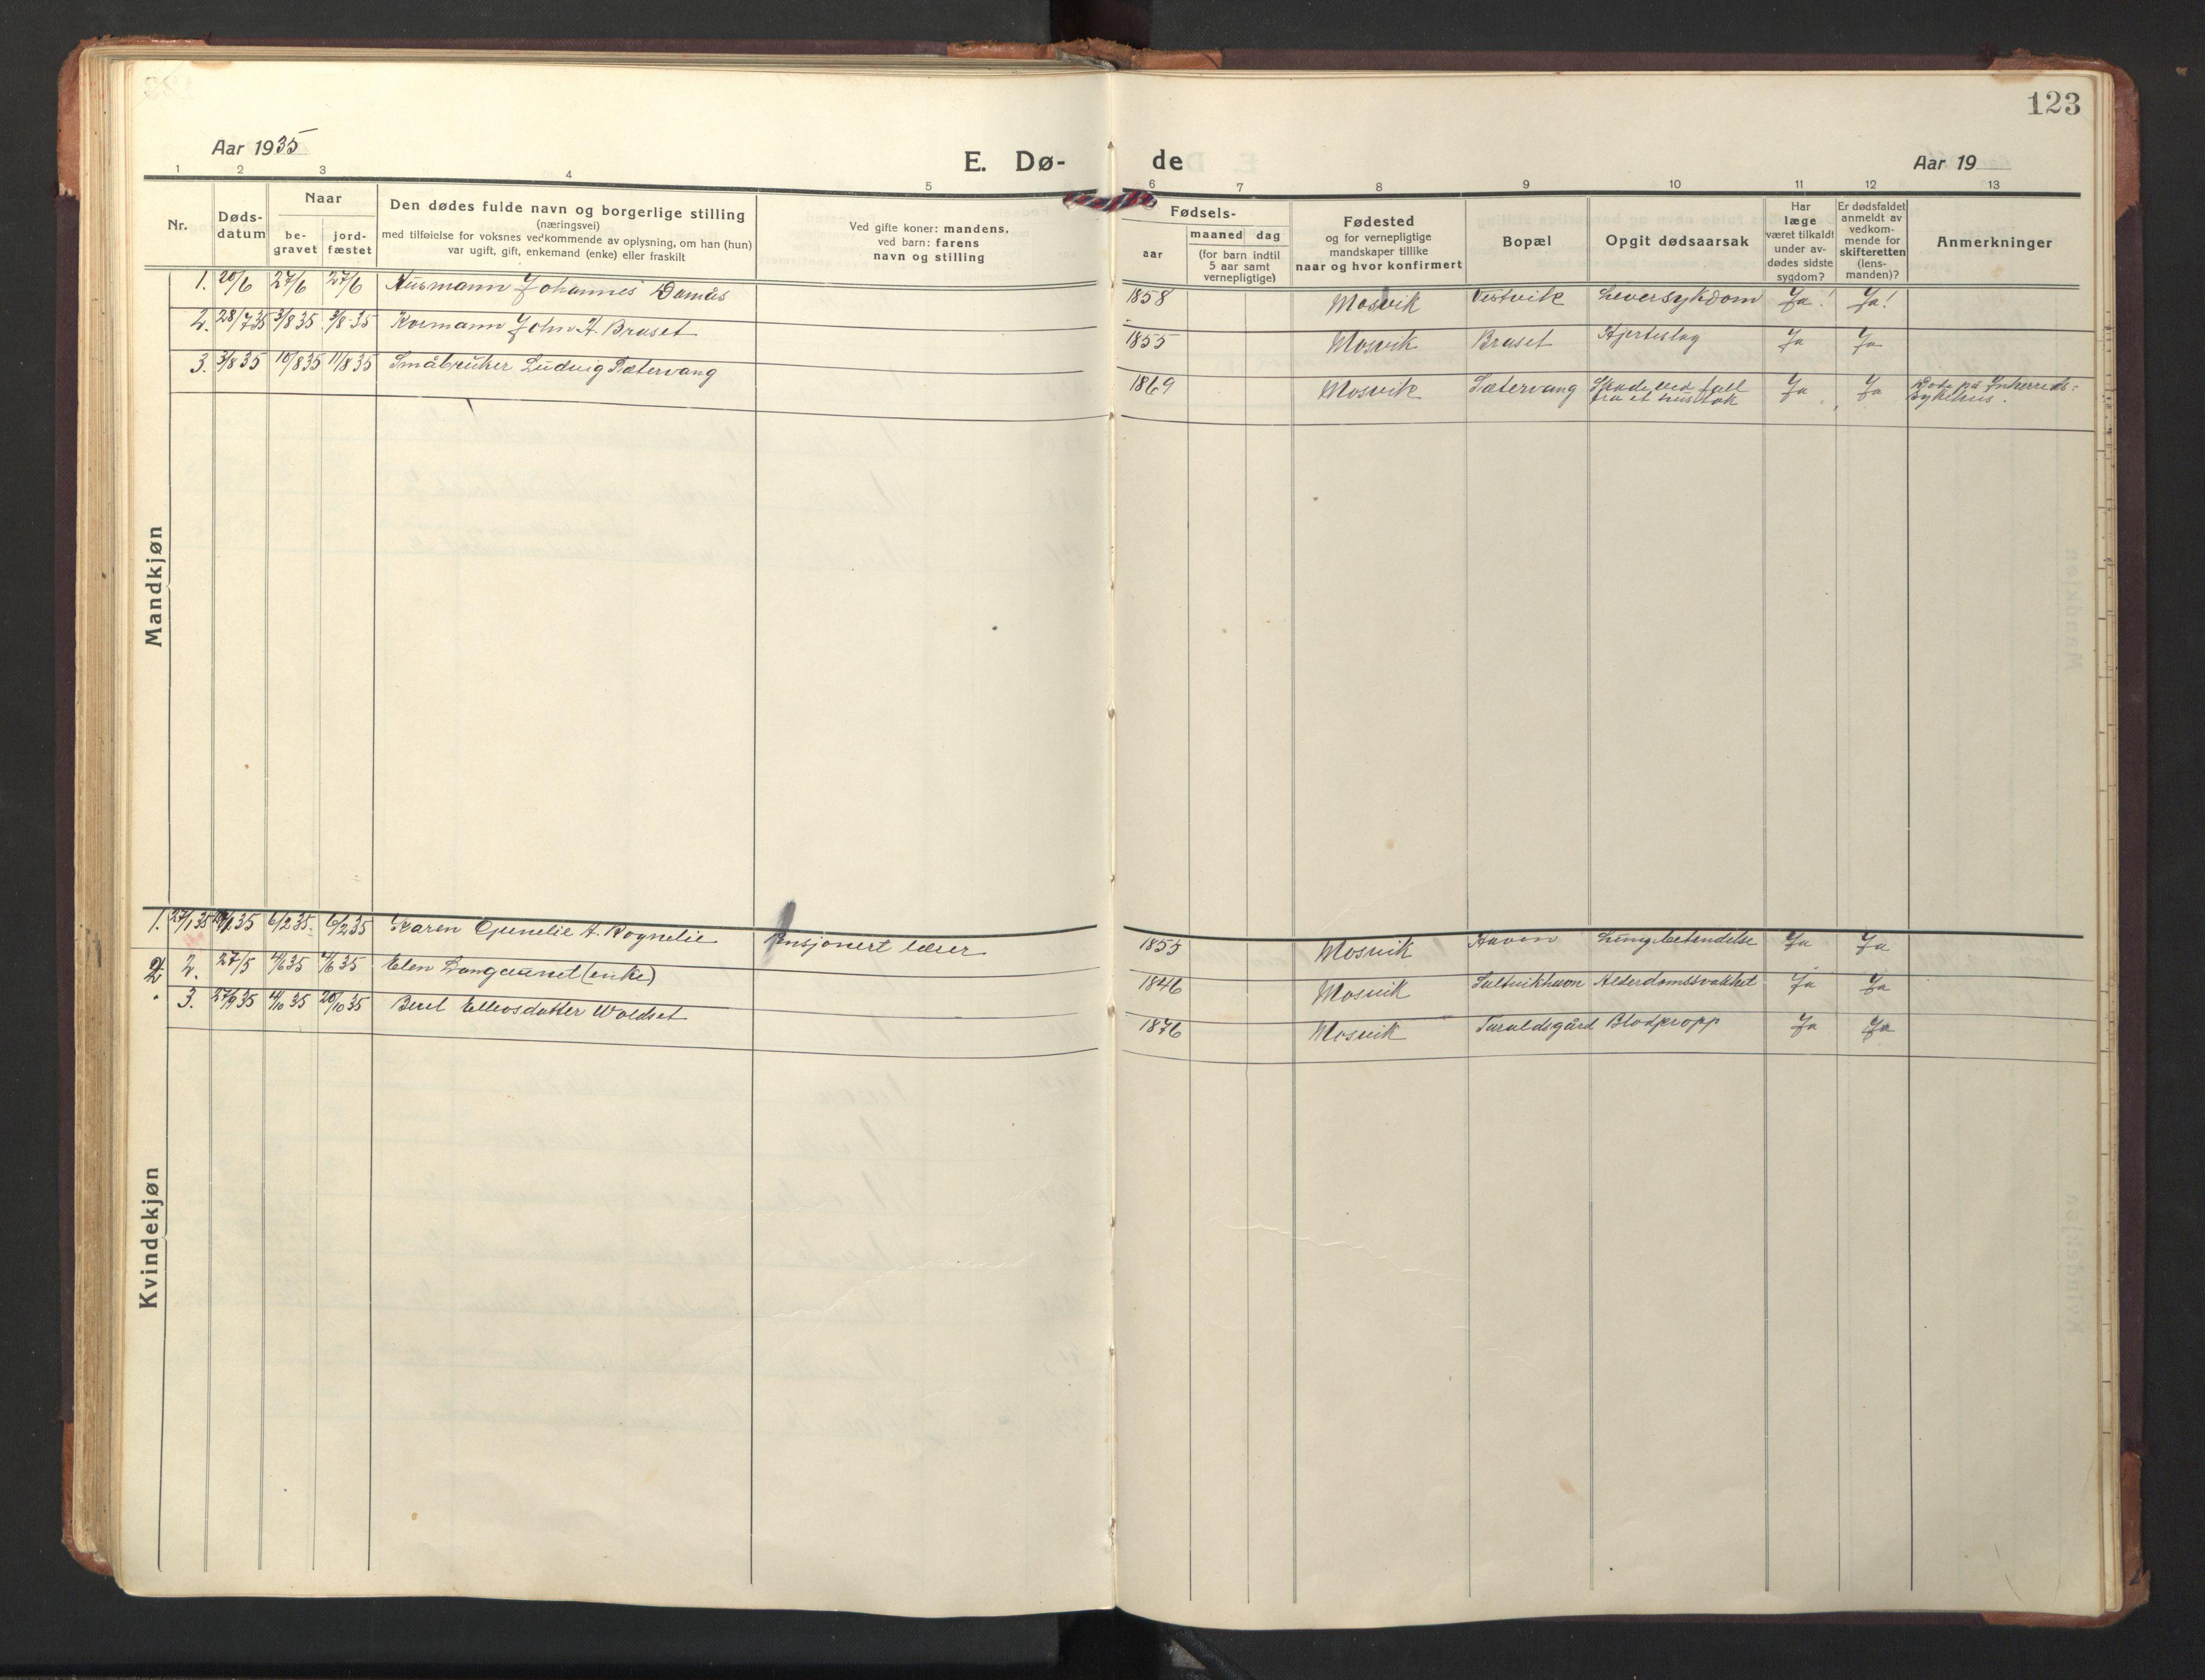 SAT, Ministerialprotokoller, klokkerbøker og fødselsregistre - Nord-Trøndelag, 733/L0328: Klokkerbok nr. 733C03, 1919-1966, s. 123